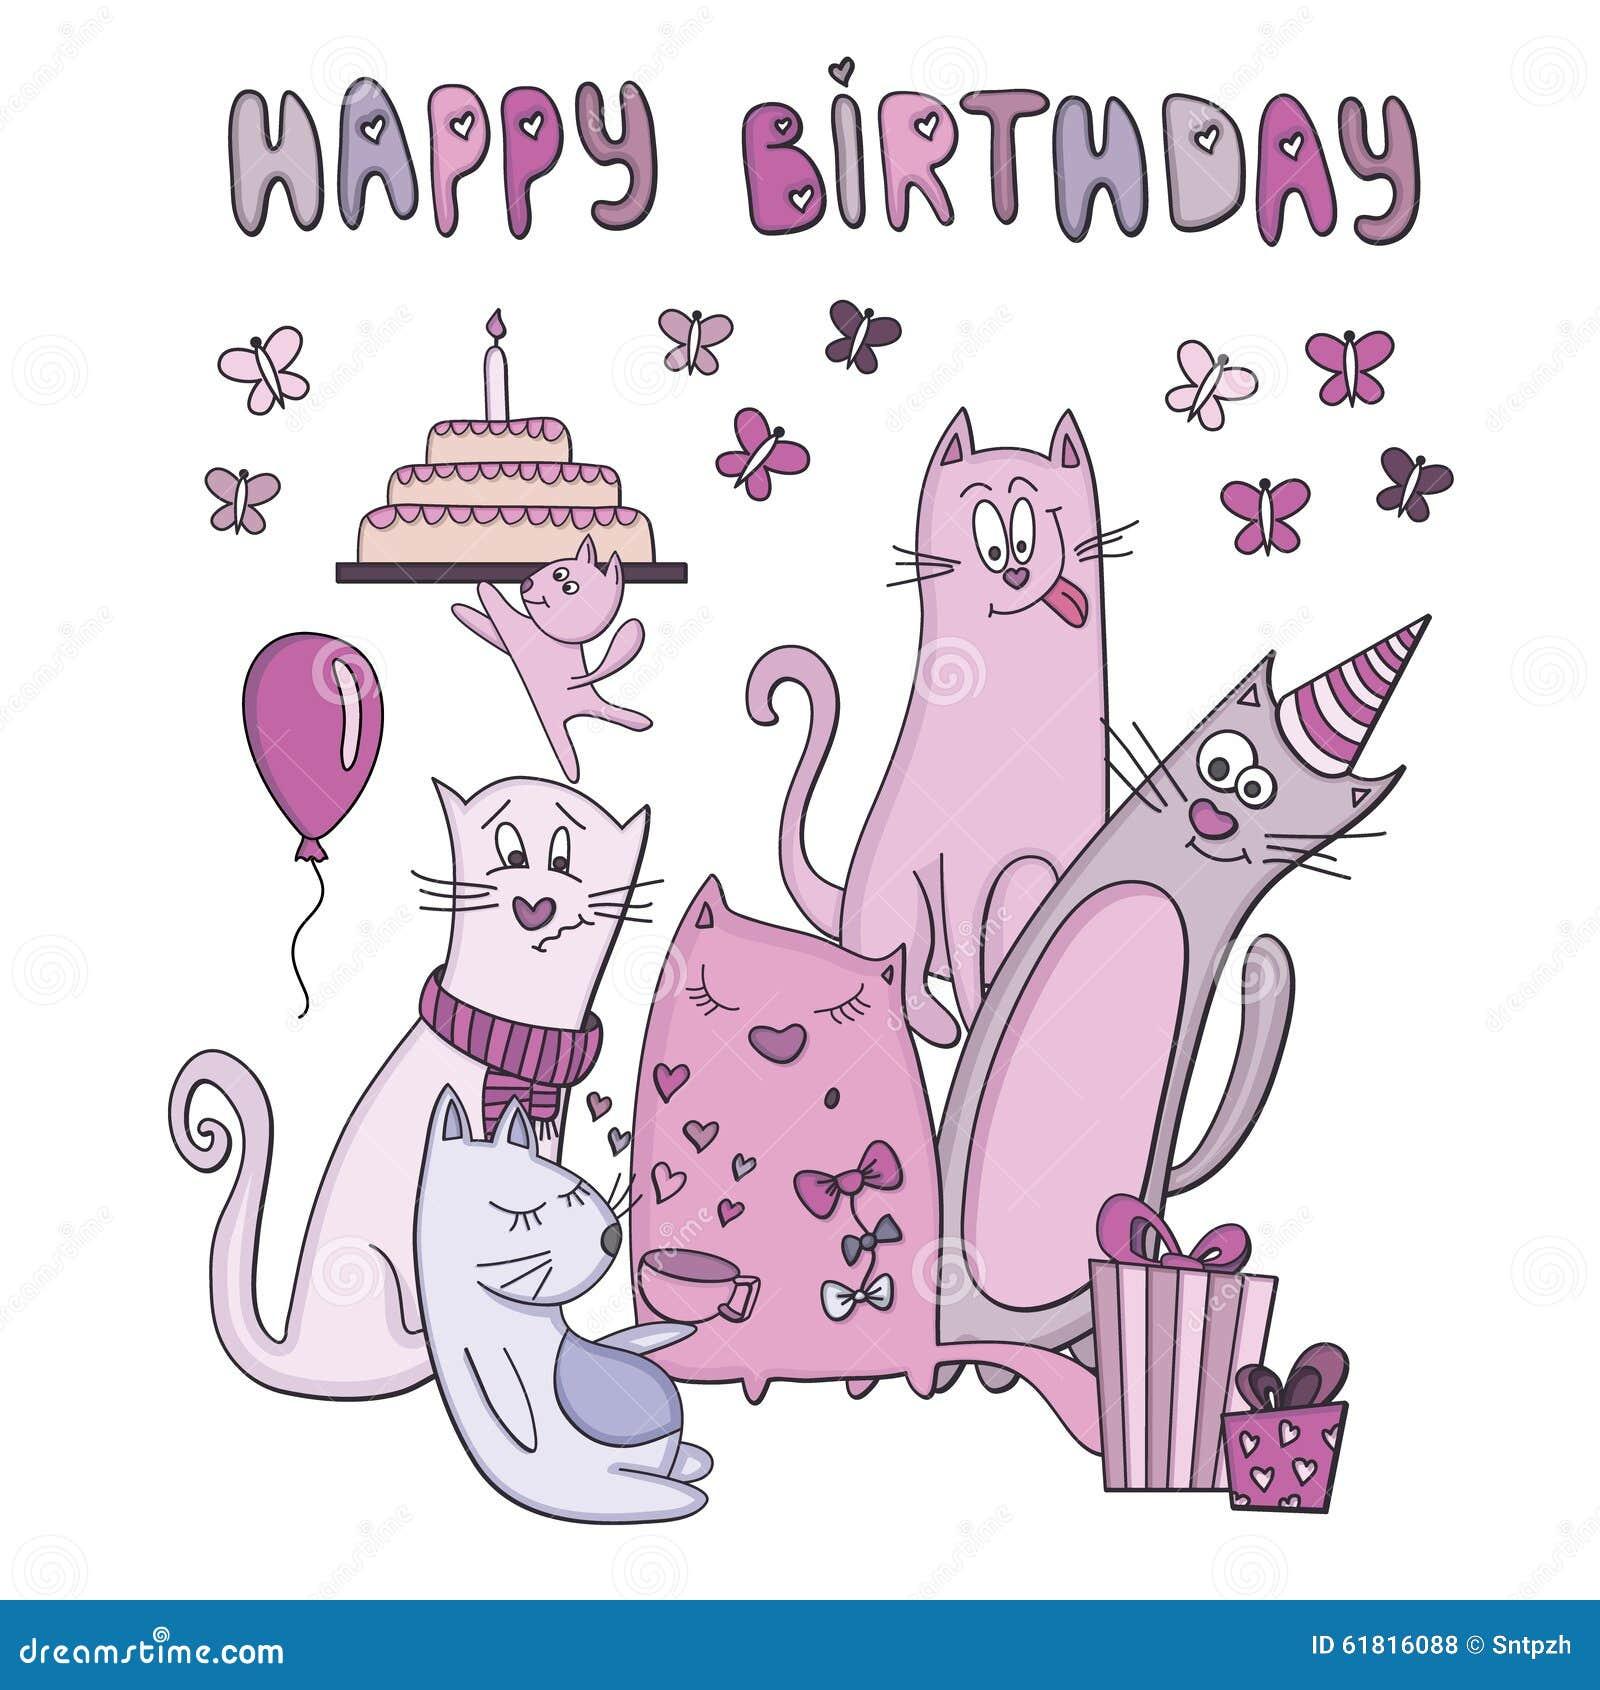 С днем рождения прикольные картинки с котами и надписями